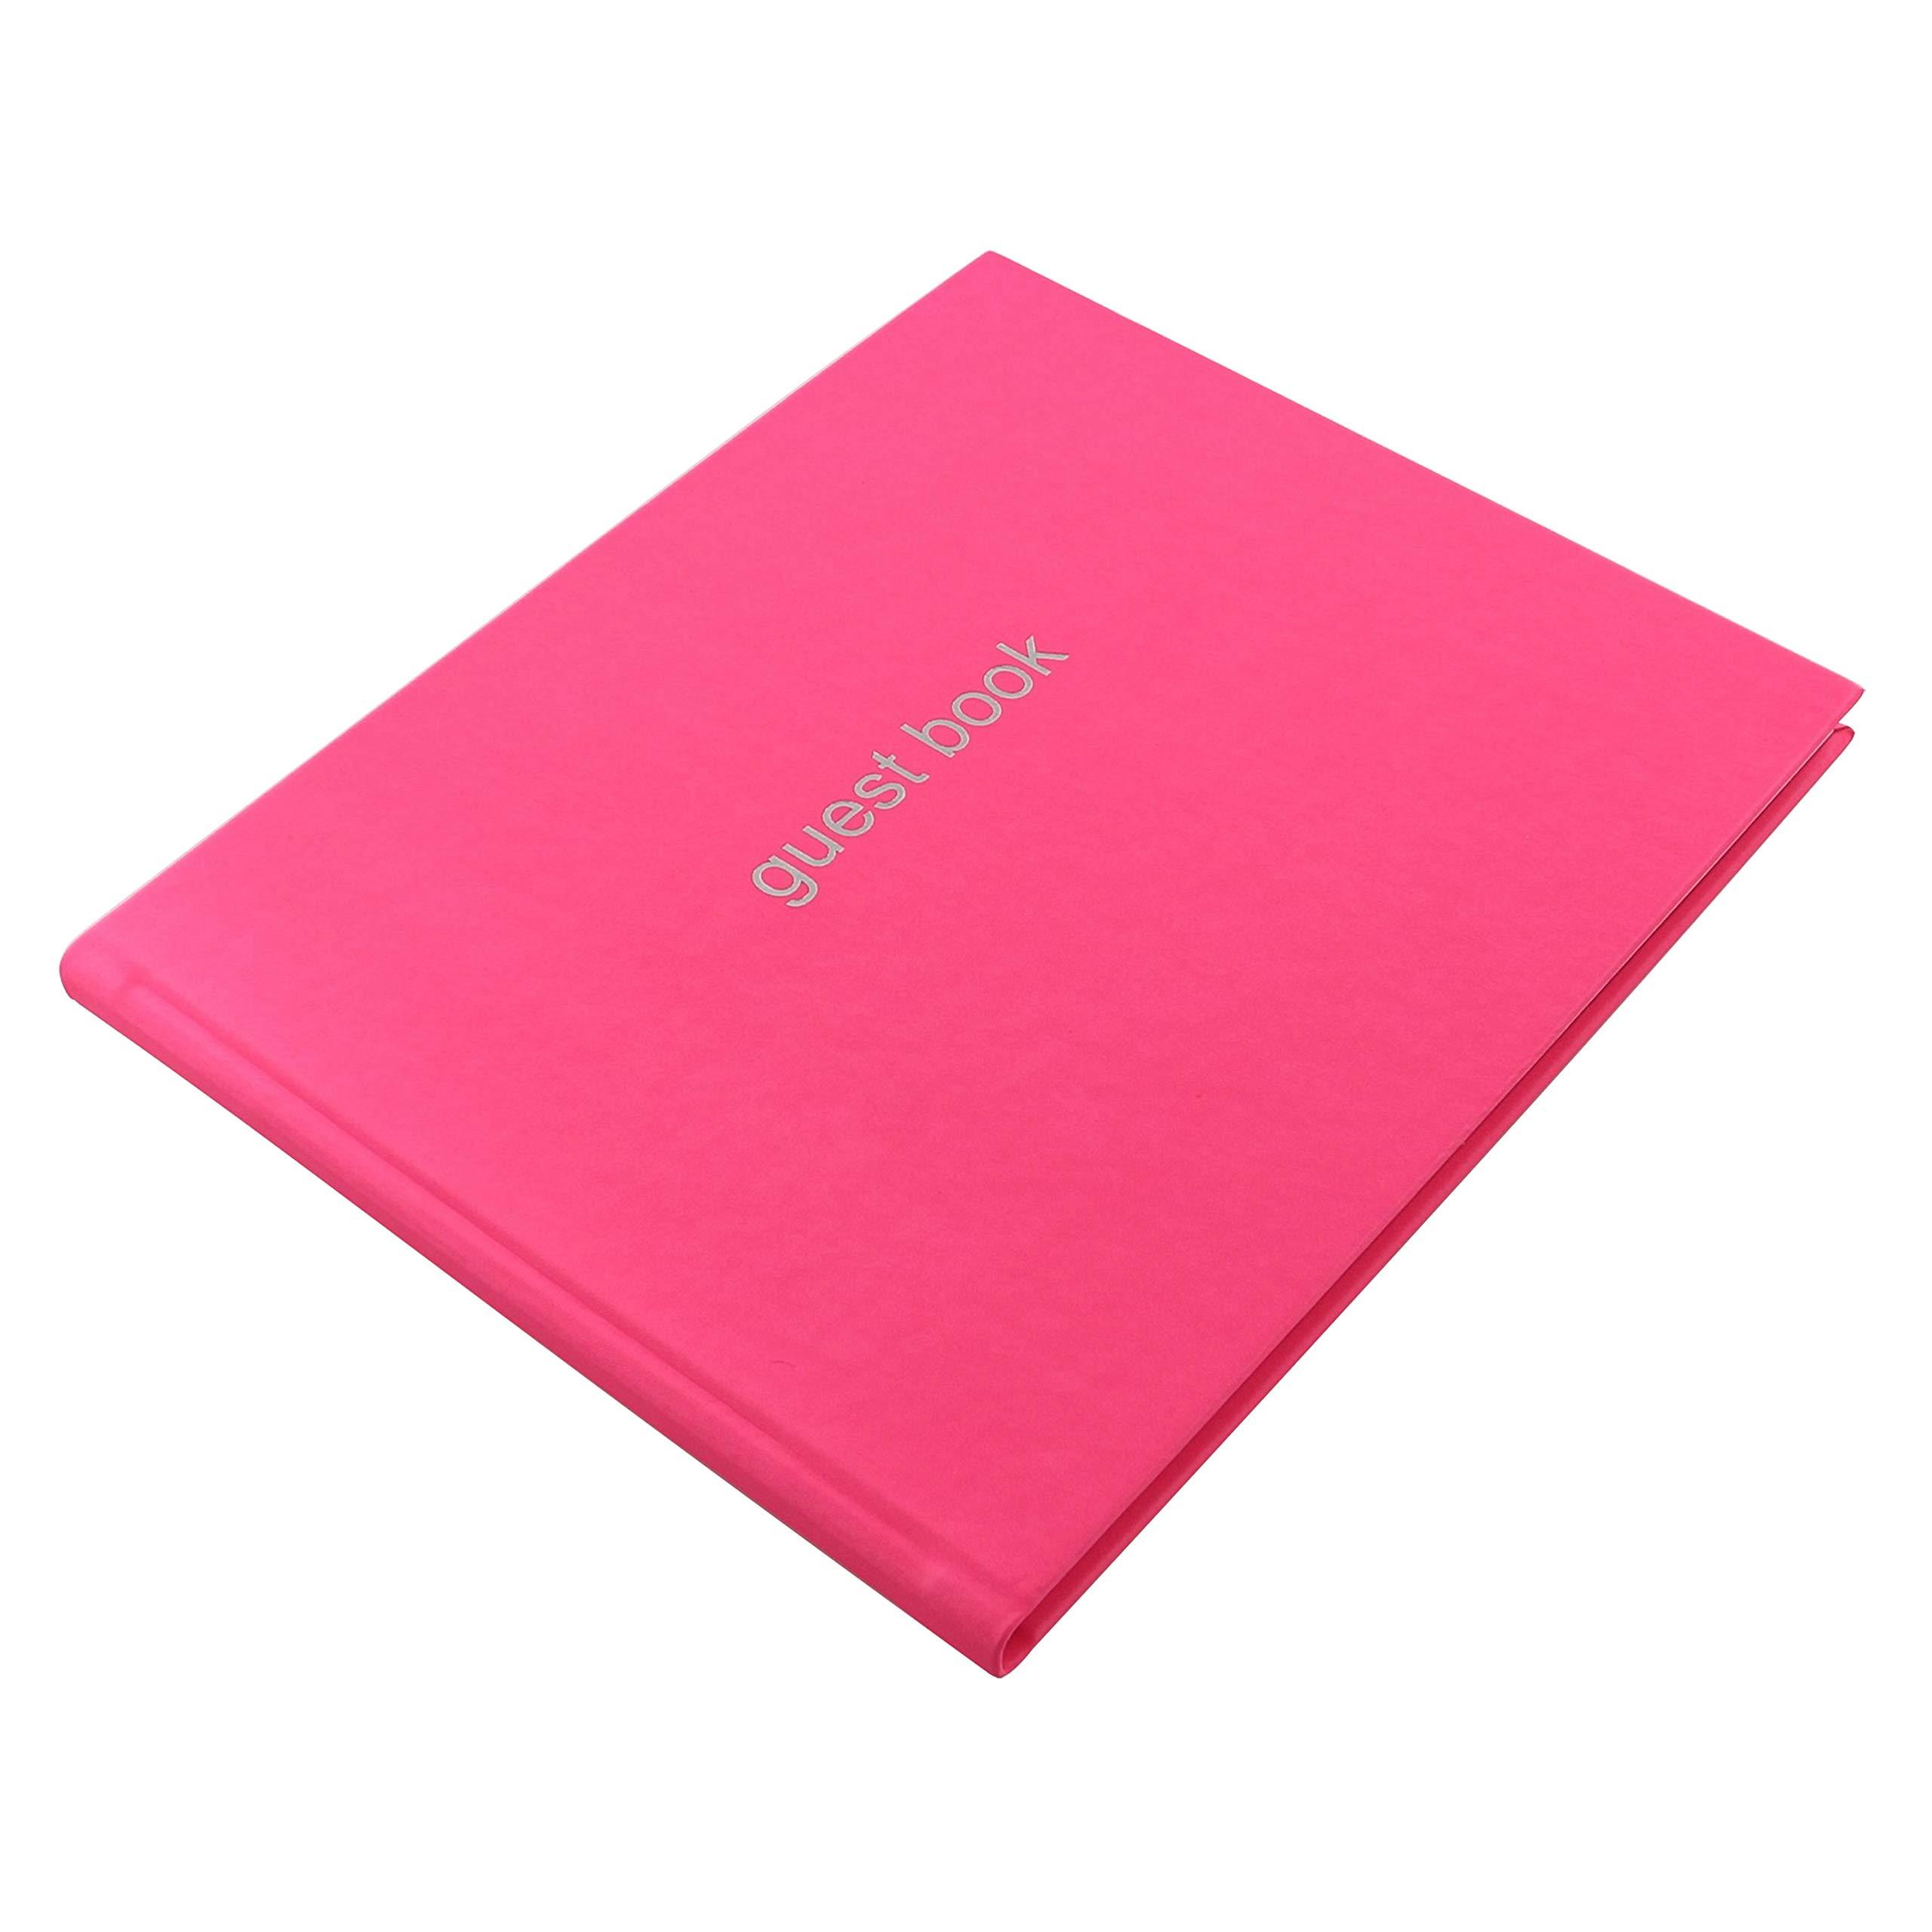 Letts 090015P Dazzle Quarto Landscape Guest Book - Pink by Letts (Image #2)